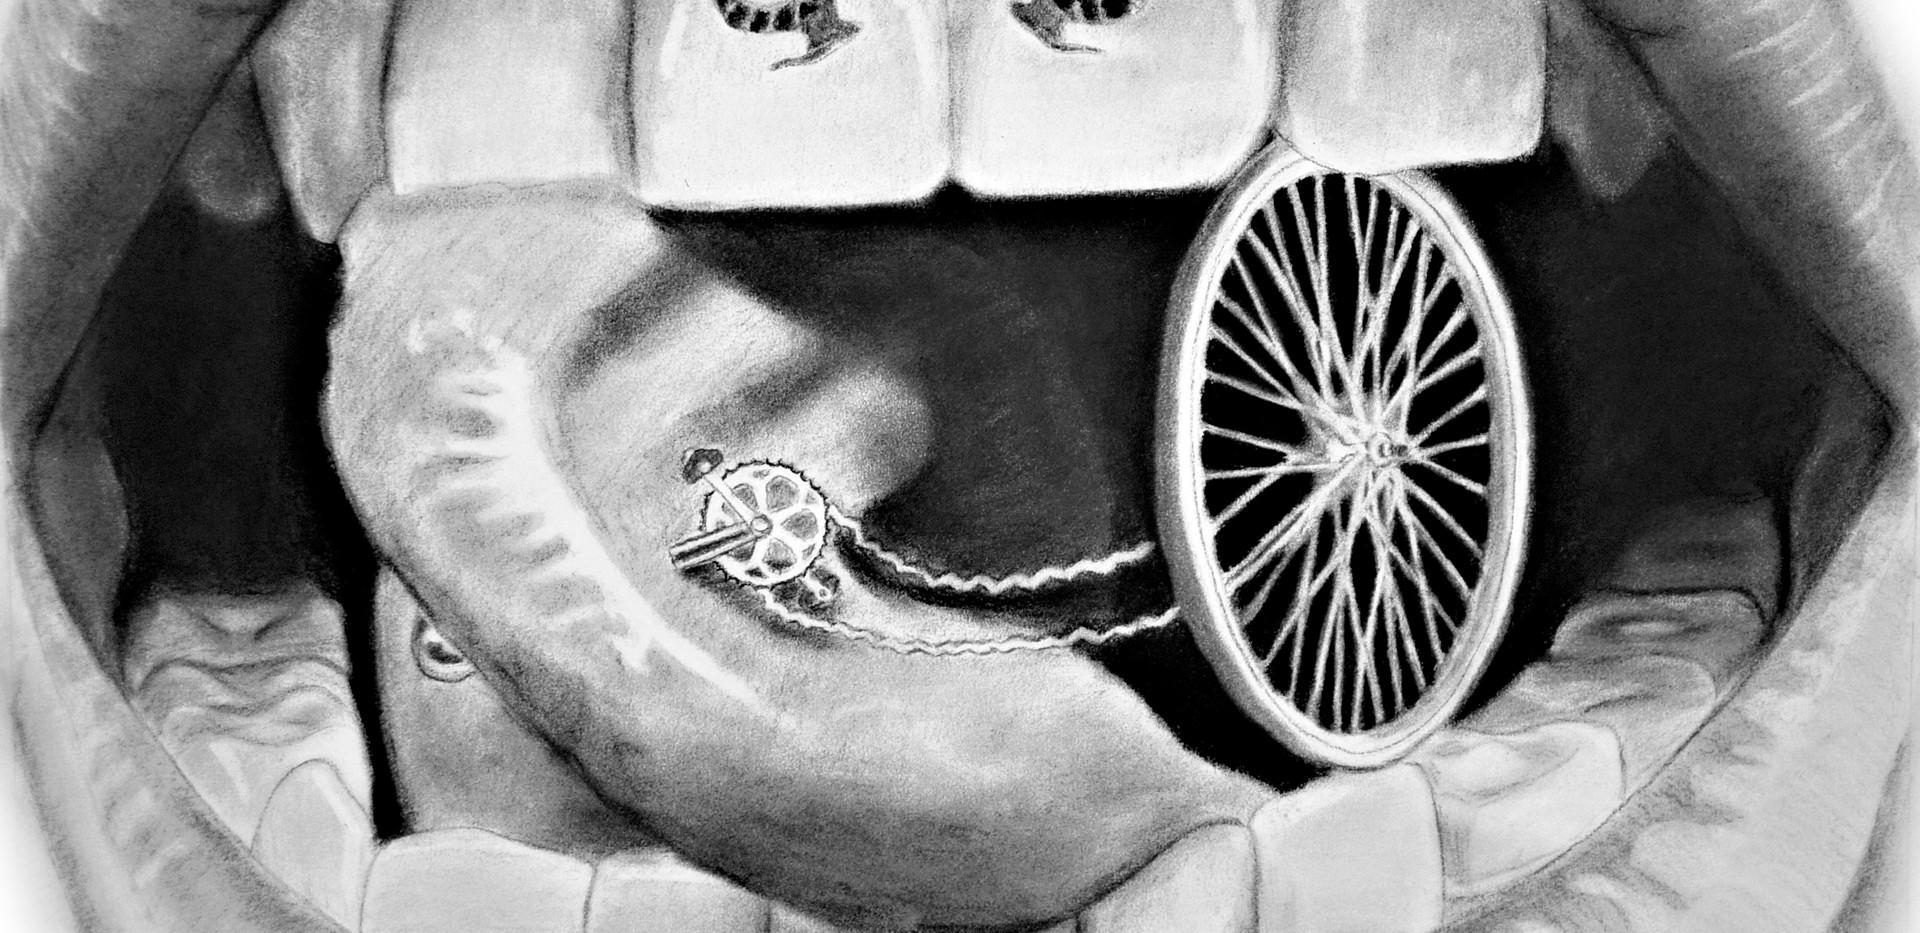 Bike Mouth